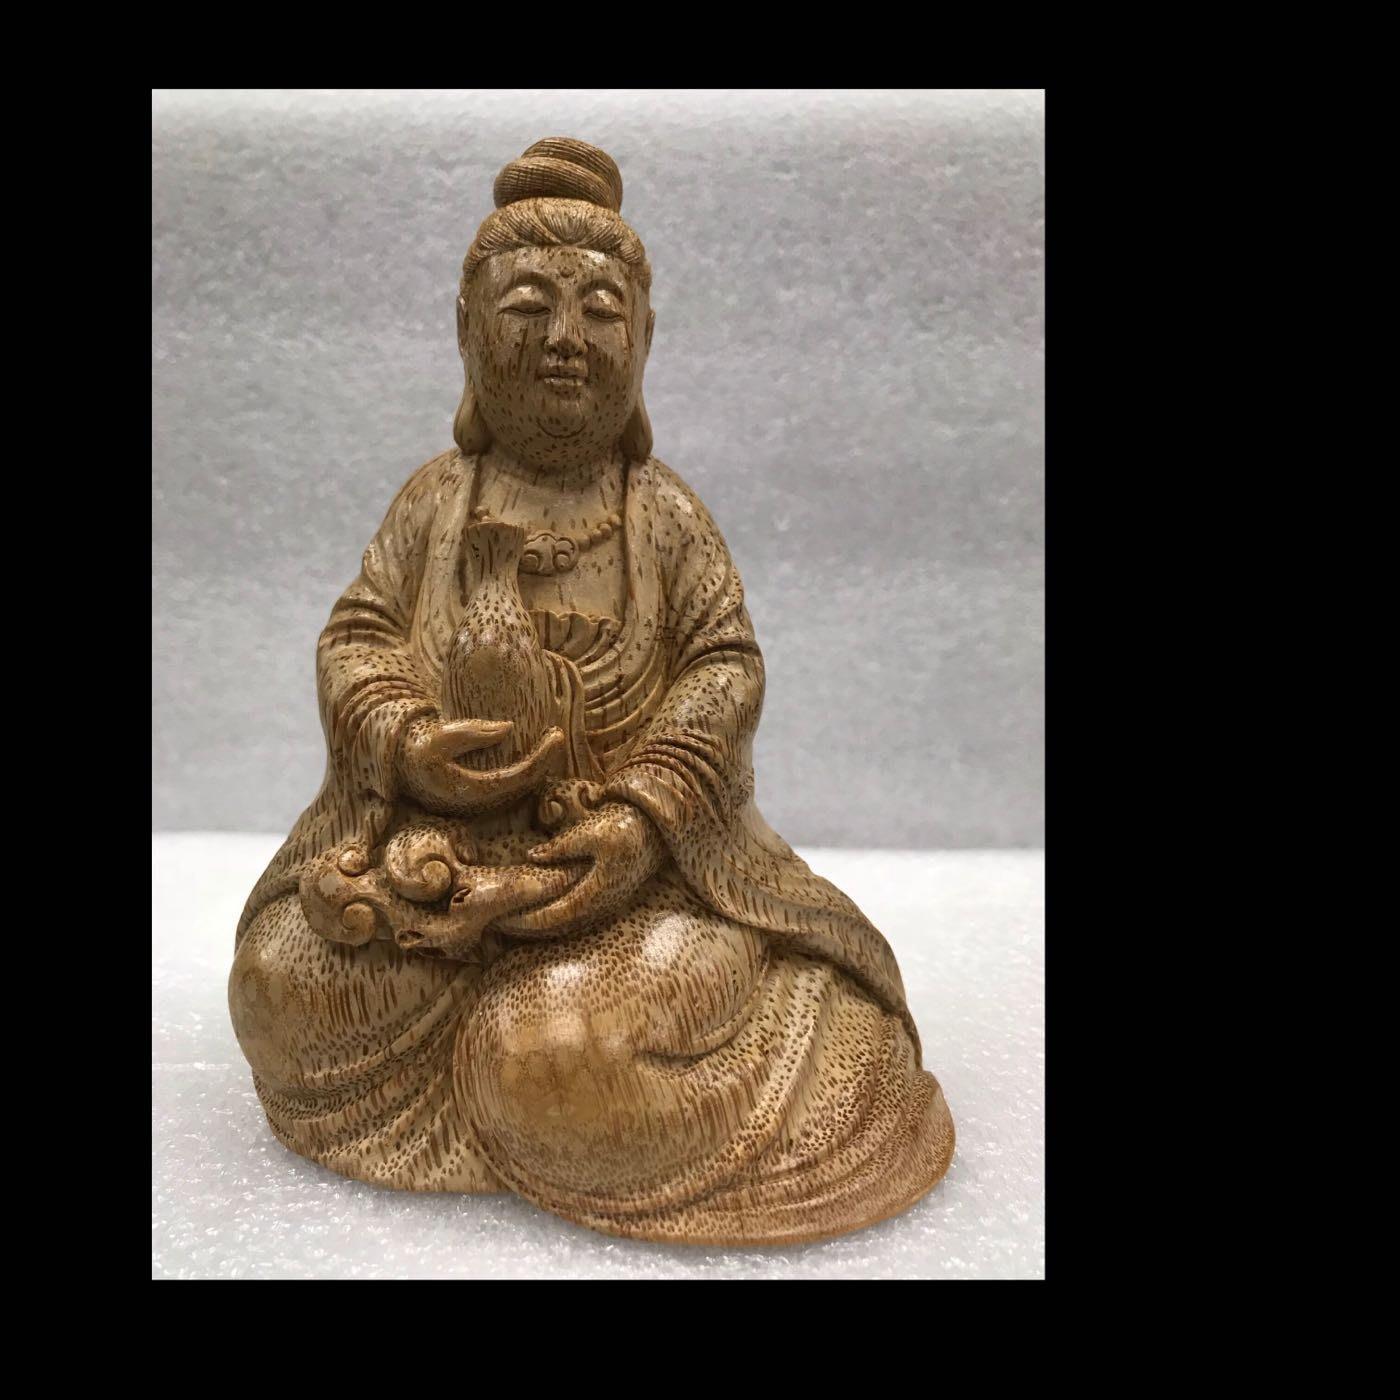 [精藝齋]竹根雕 竹雕擺件。淨瓶觀音   作者:盧培綱